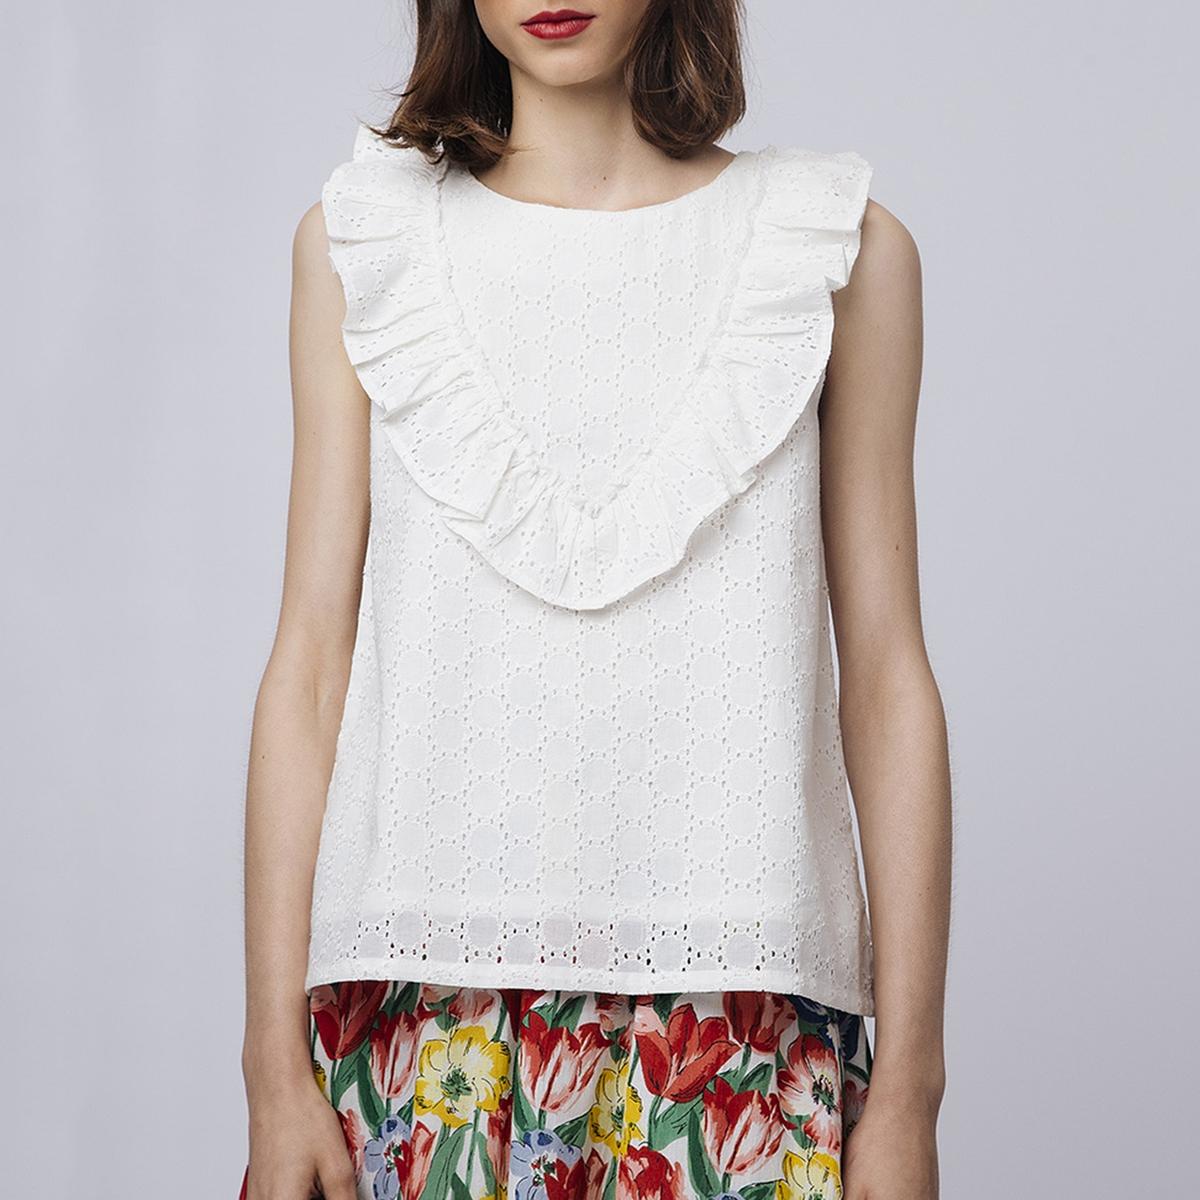 Blusa bordada com folho, gola redonda, de cavas